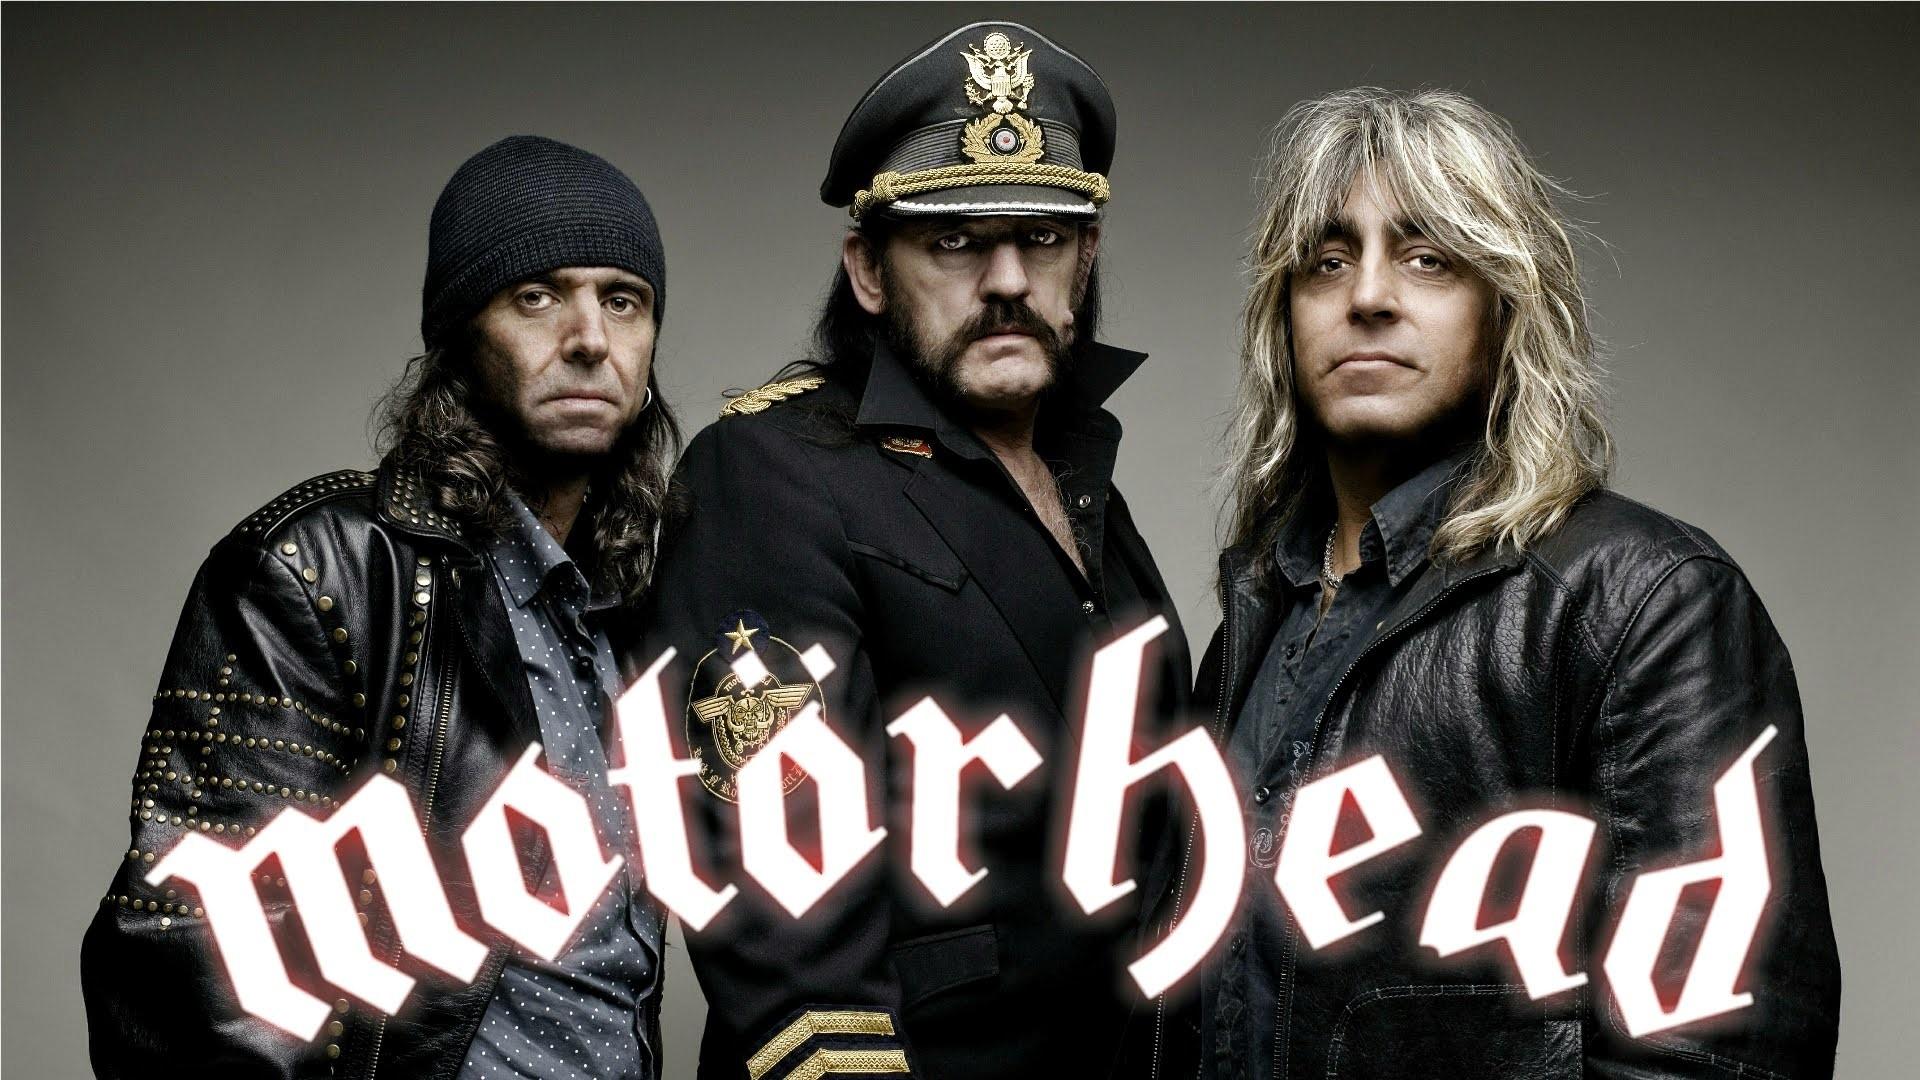 Lemmy Kilmister Rock Music Motorhead Wallpaper Hd